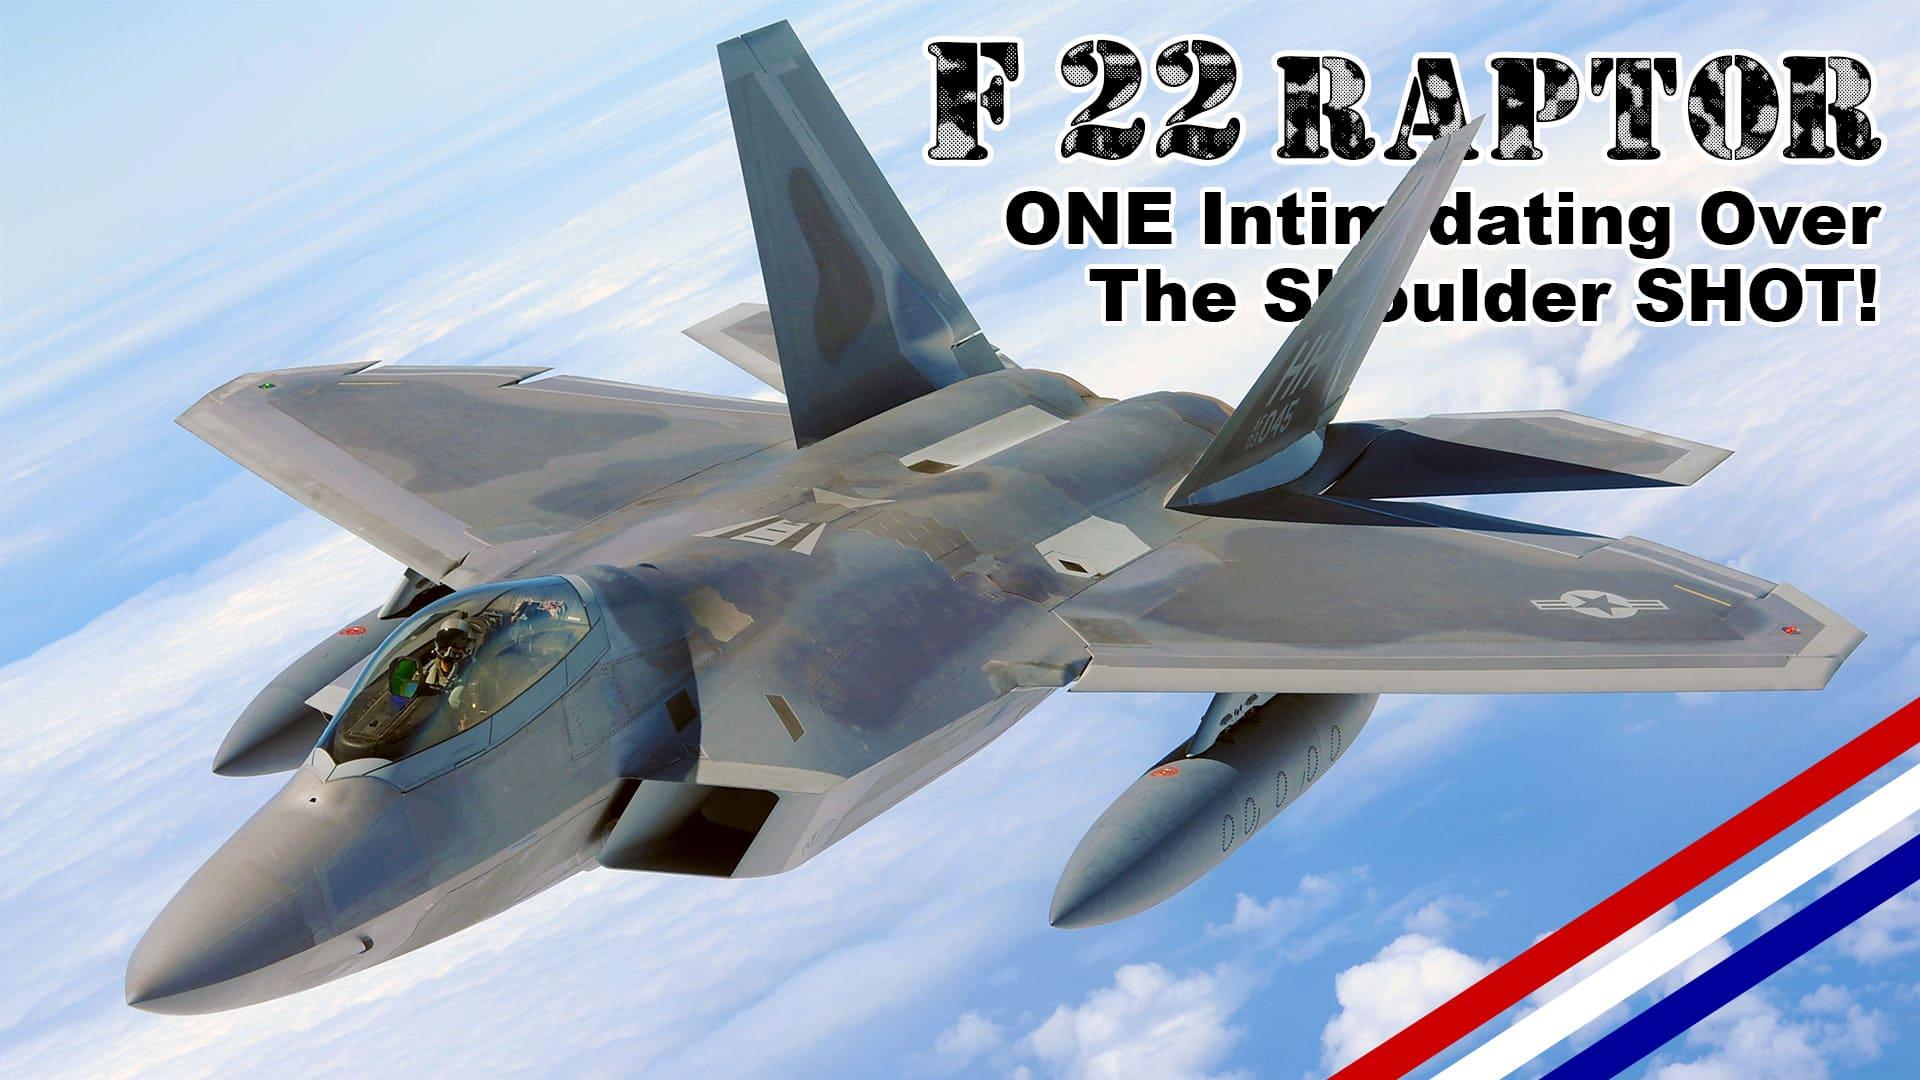 One Intimidating F-22 Raptor Over The Shoulder Shot!